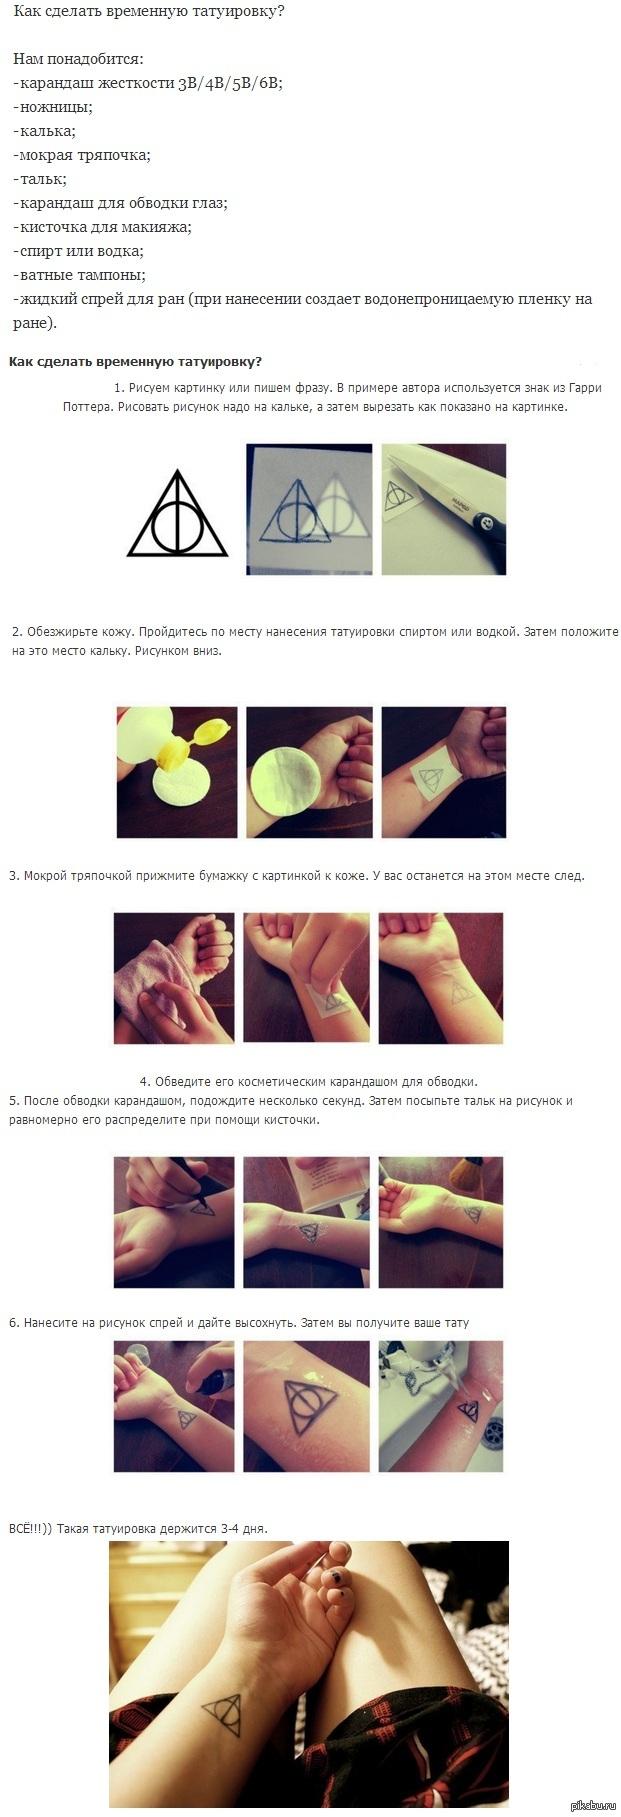 Как самой себе сделать татуировку в домашних условиях